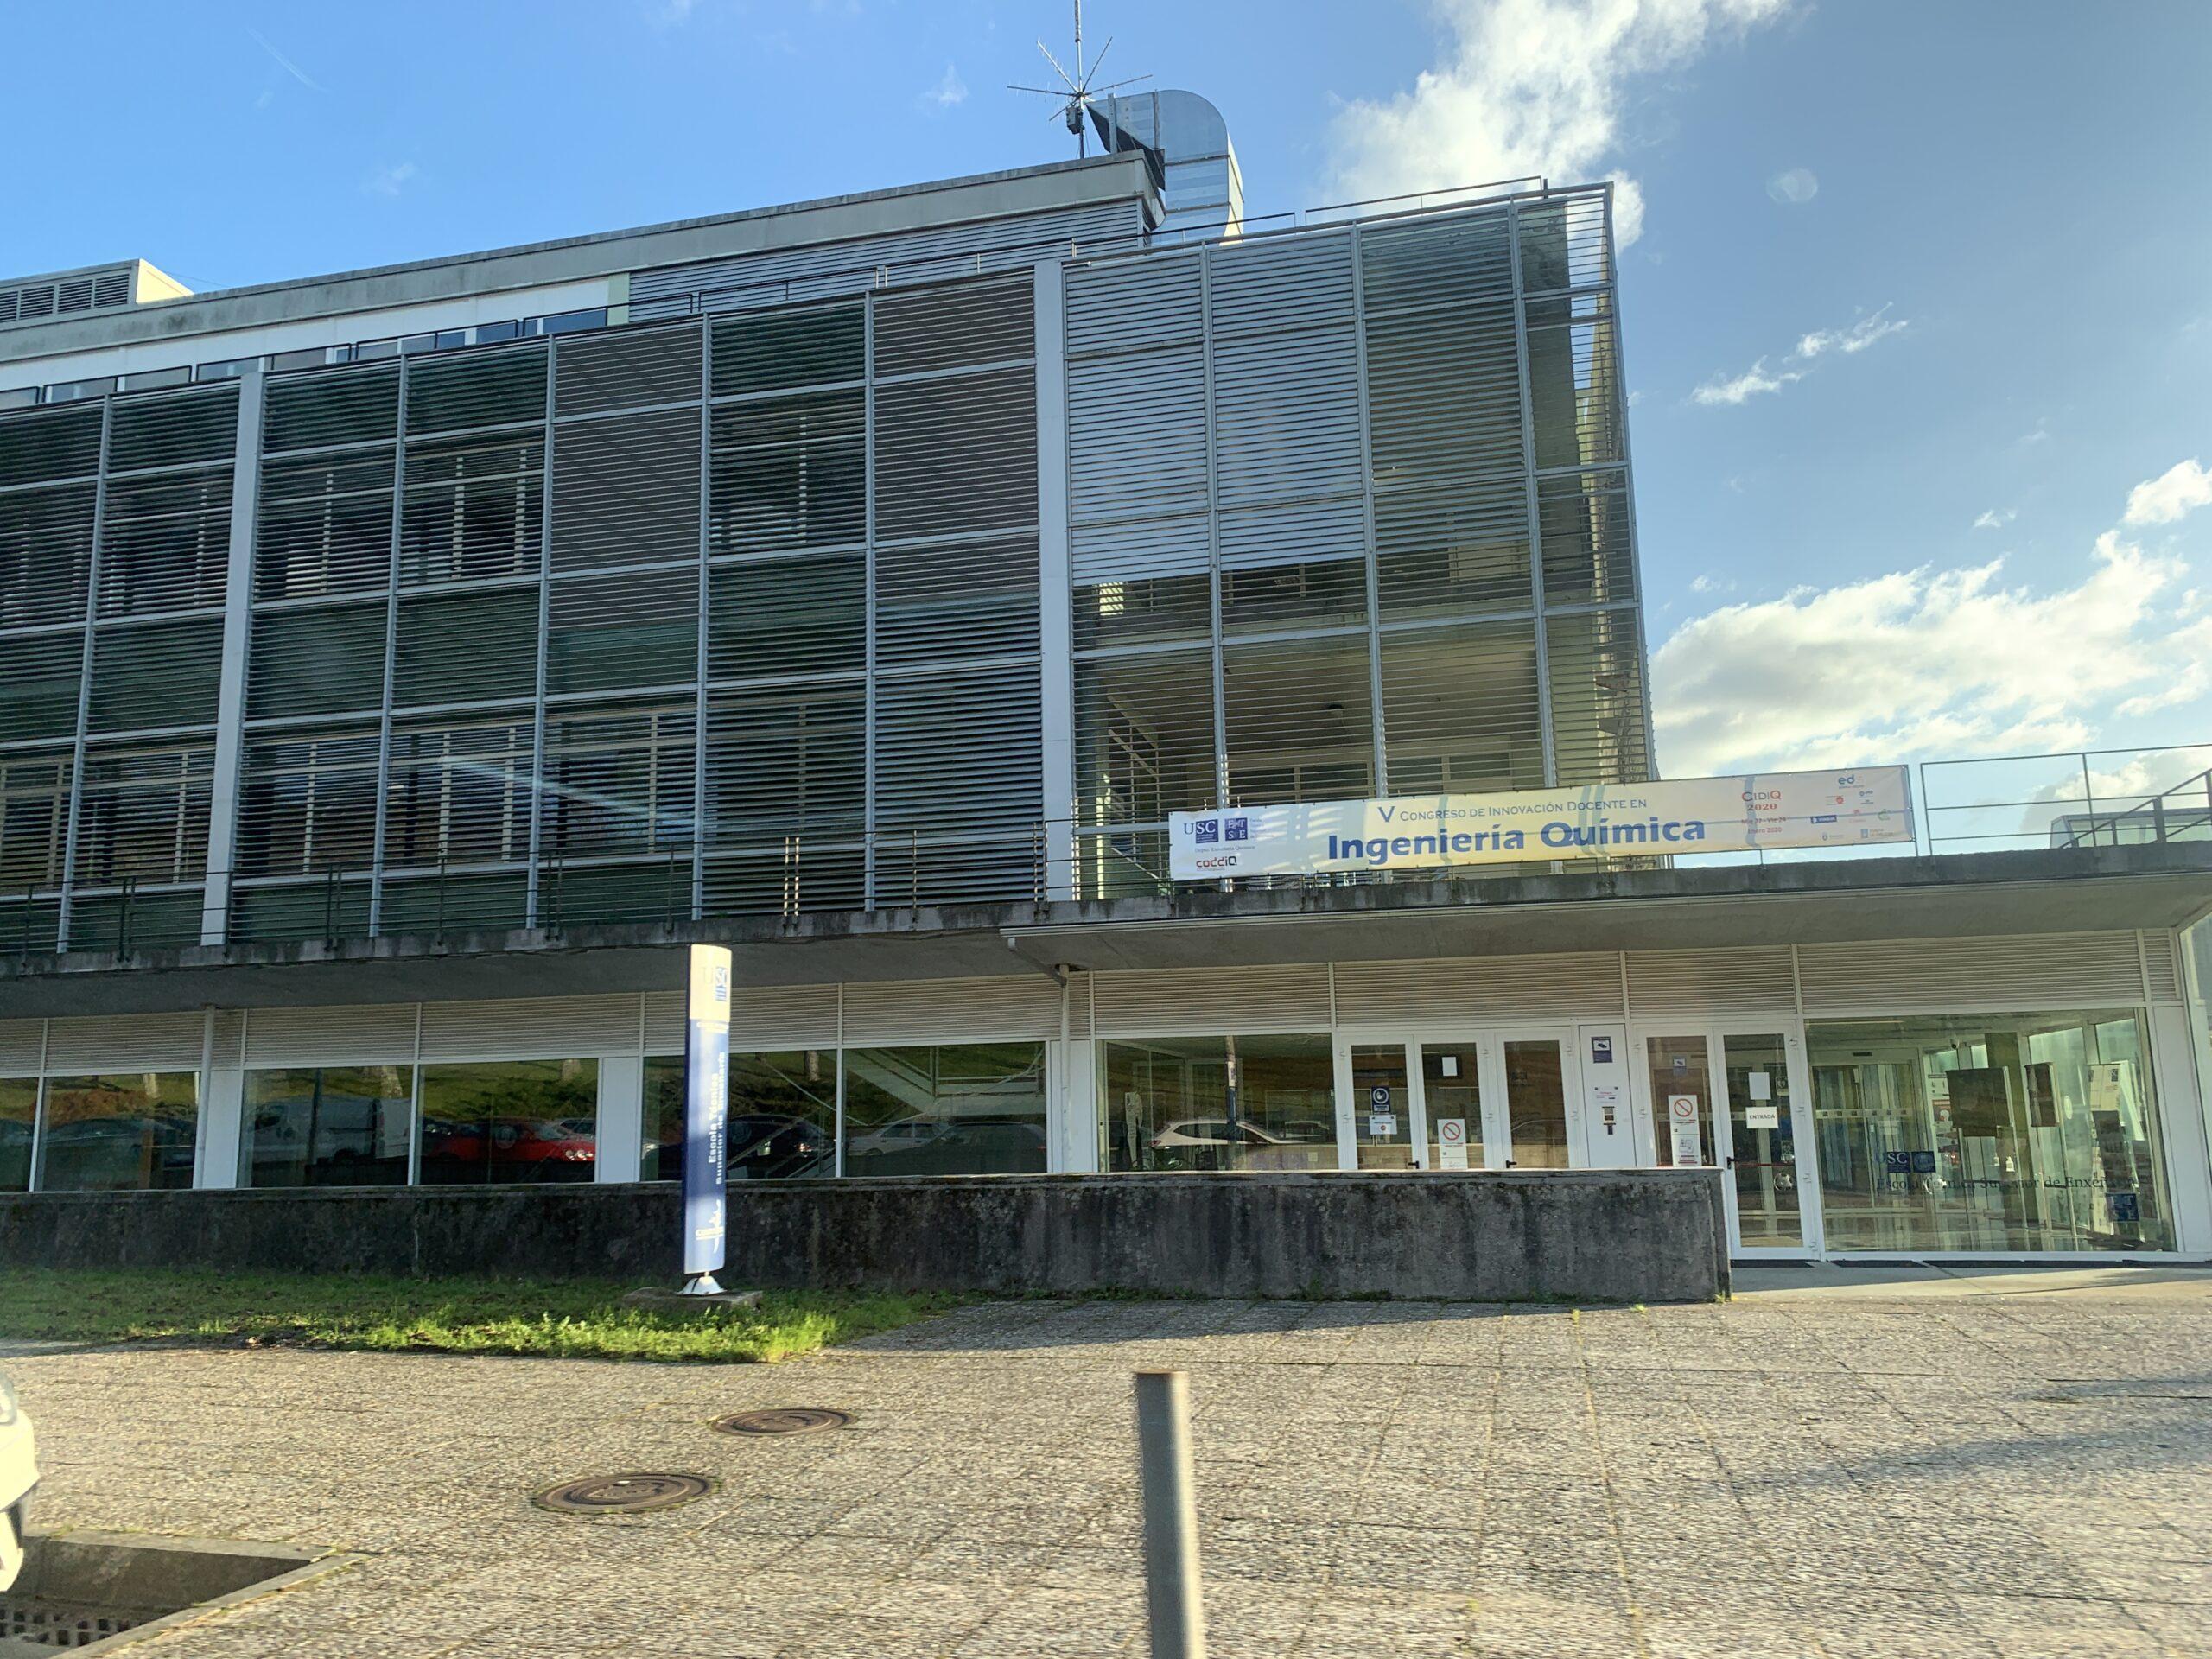 ETSE. Escuela Técnica Superior de Enxeñaría